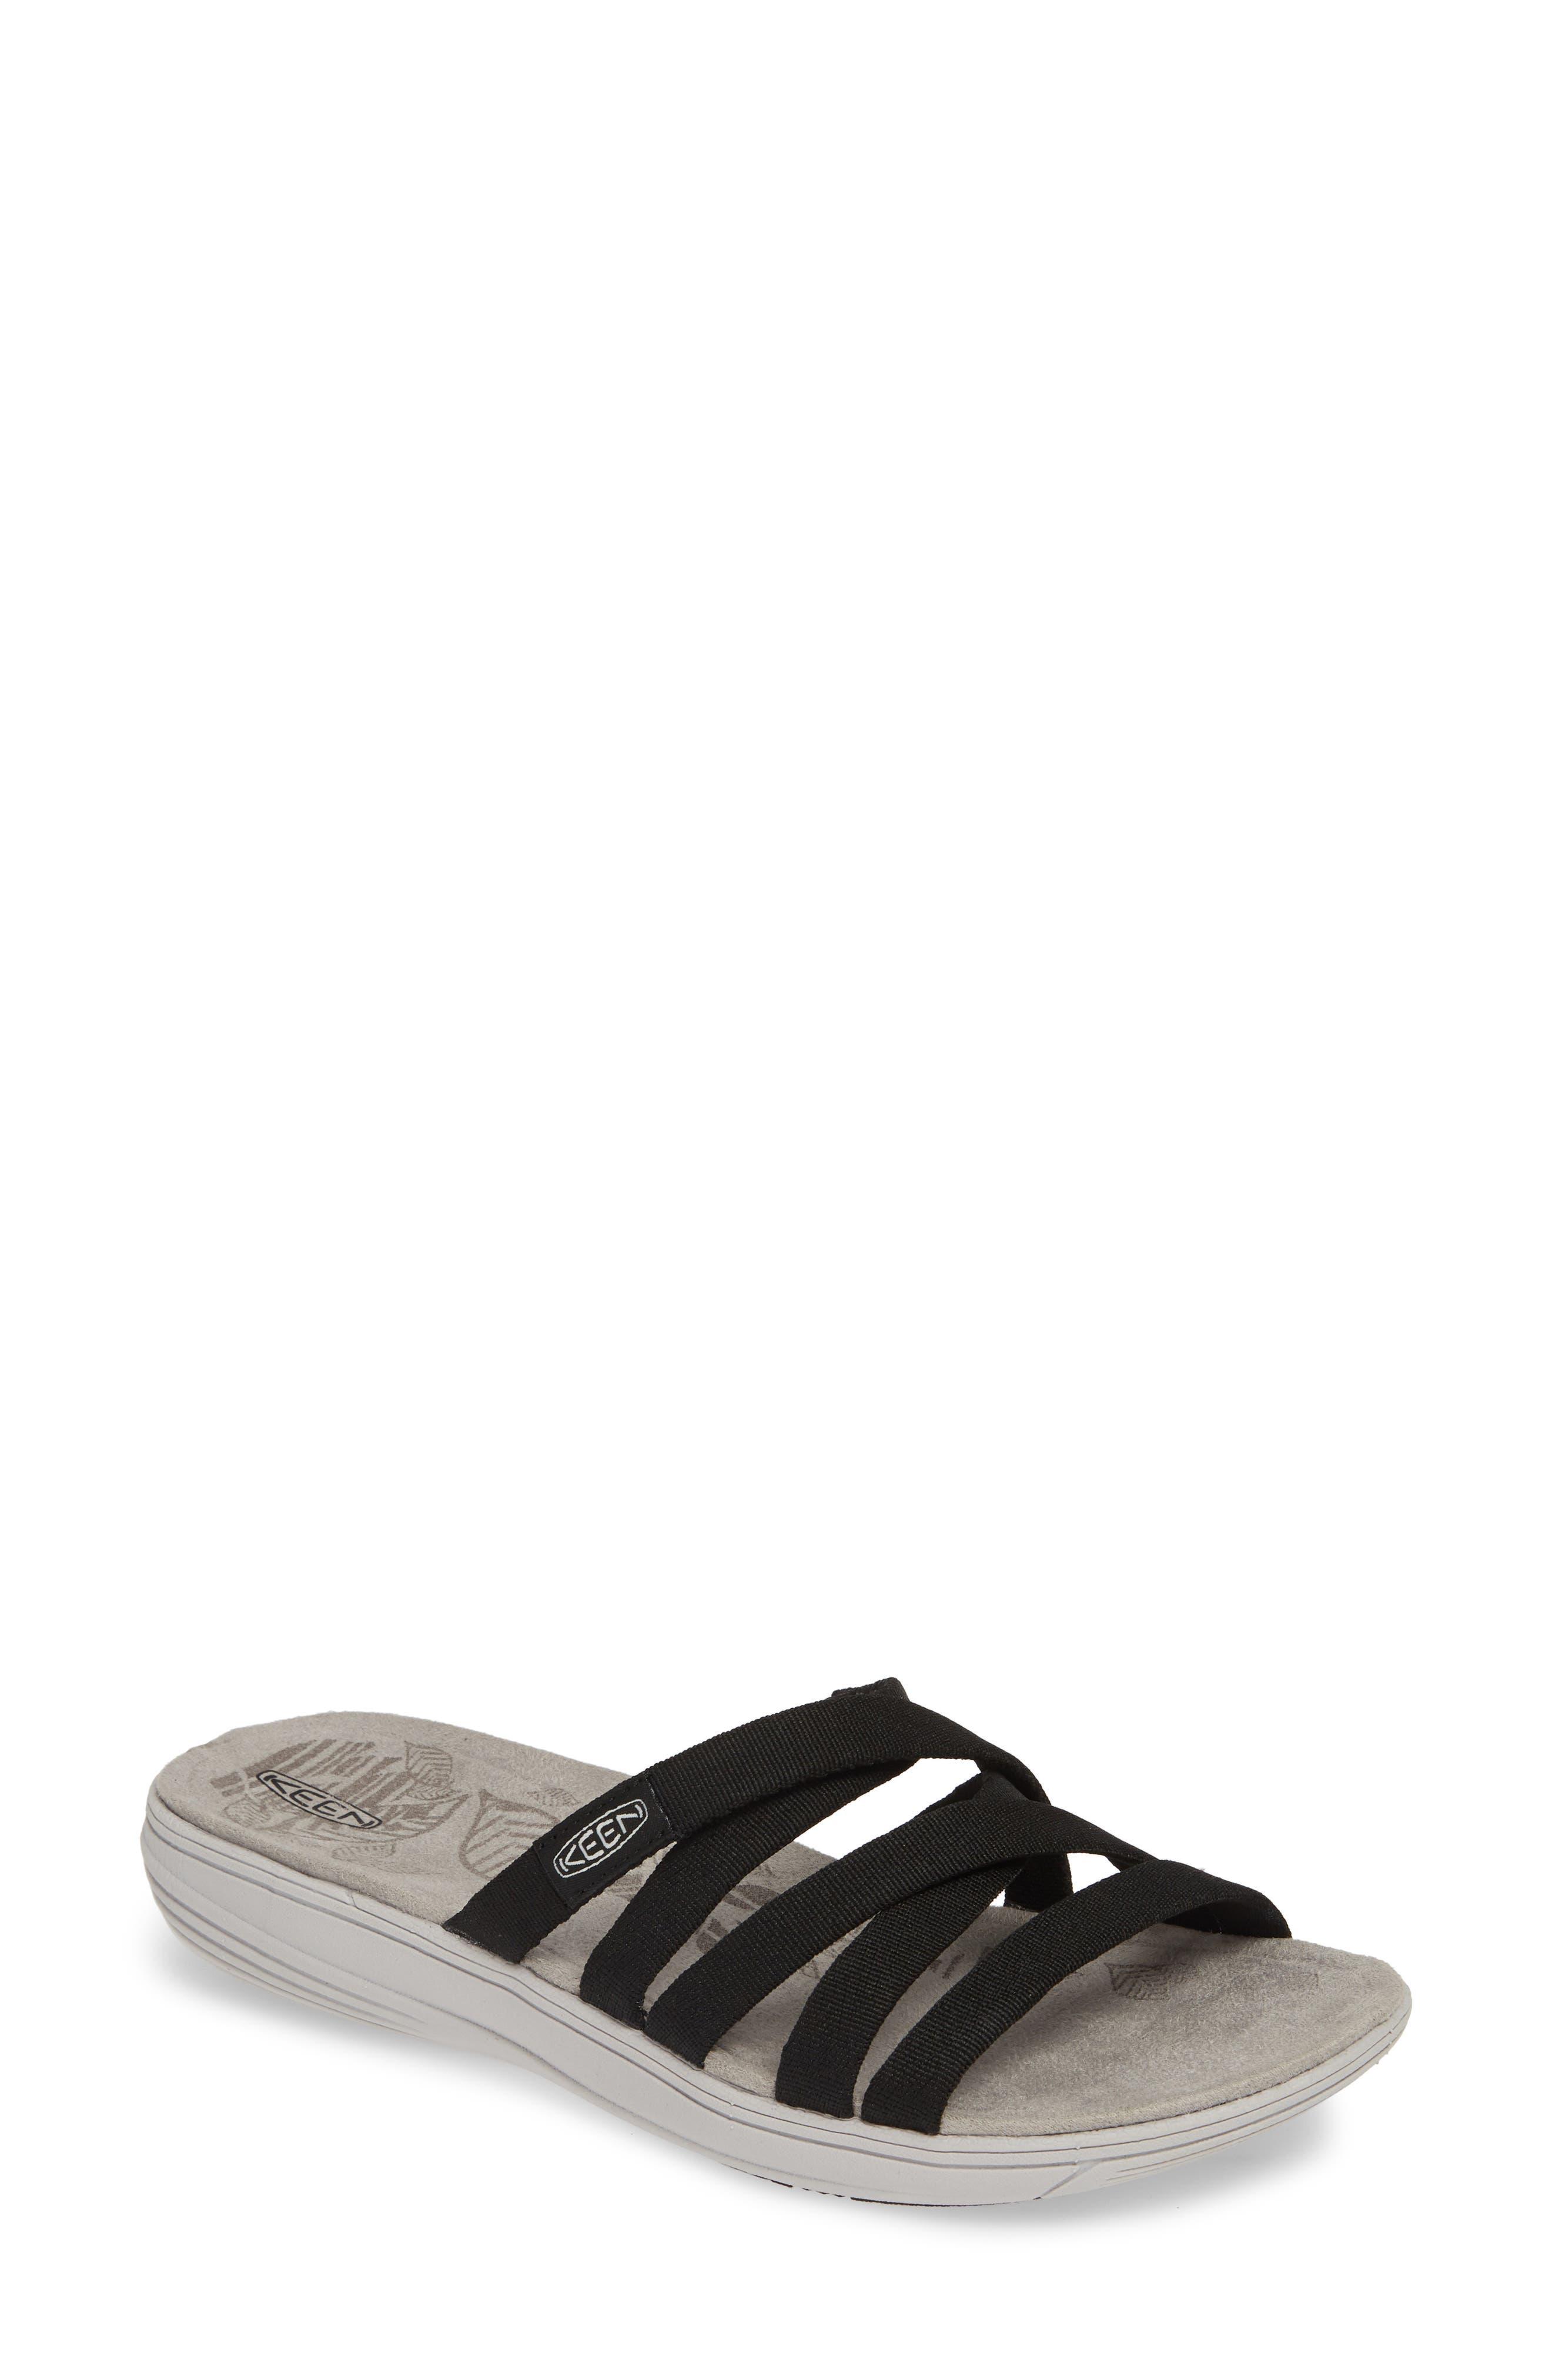 KEEN Damaya Slide Sandal, Main, color, BLACK/ VAPOR BLUE FABRIC